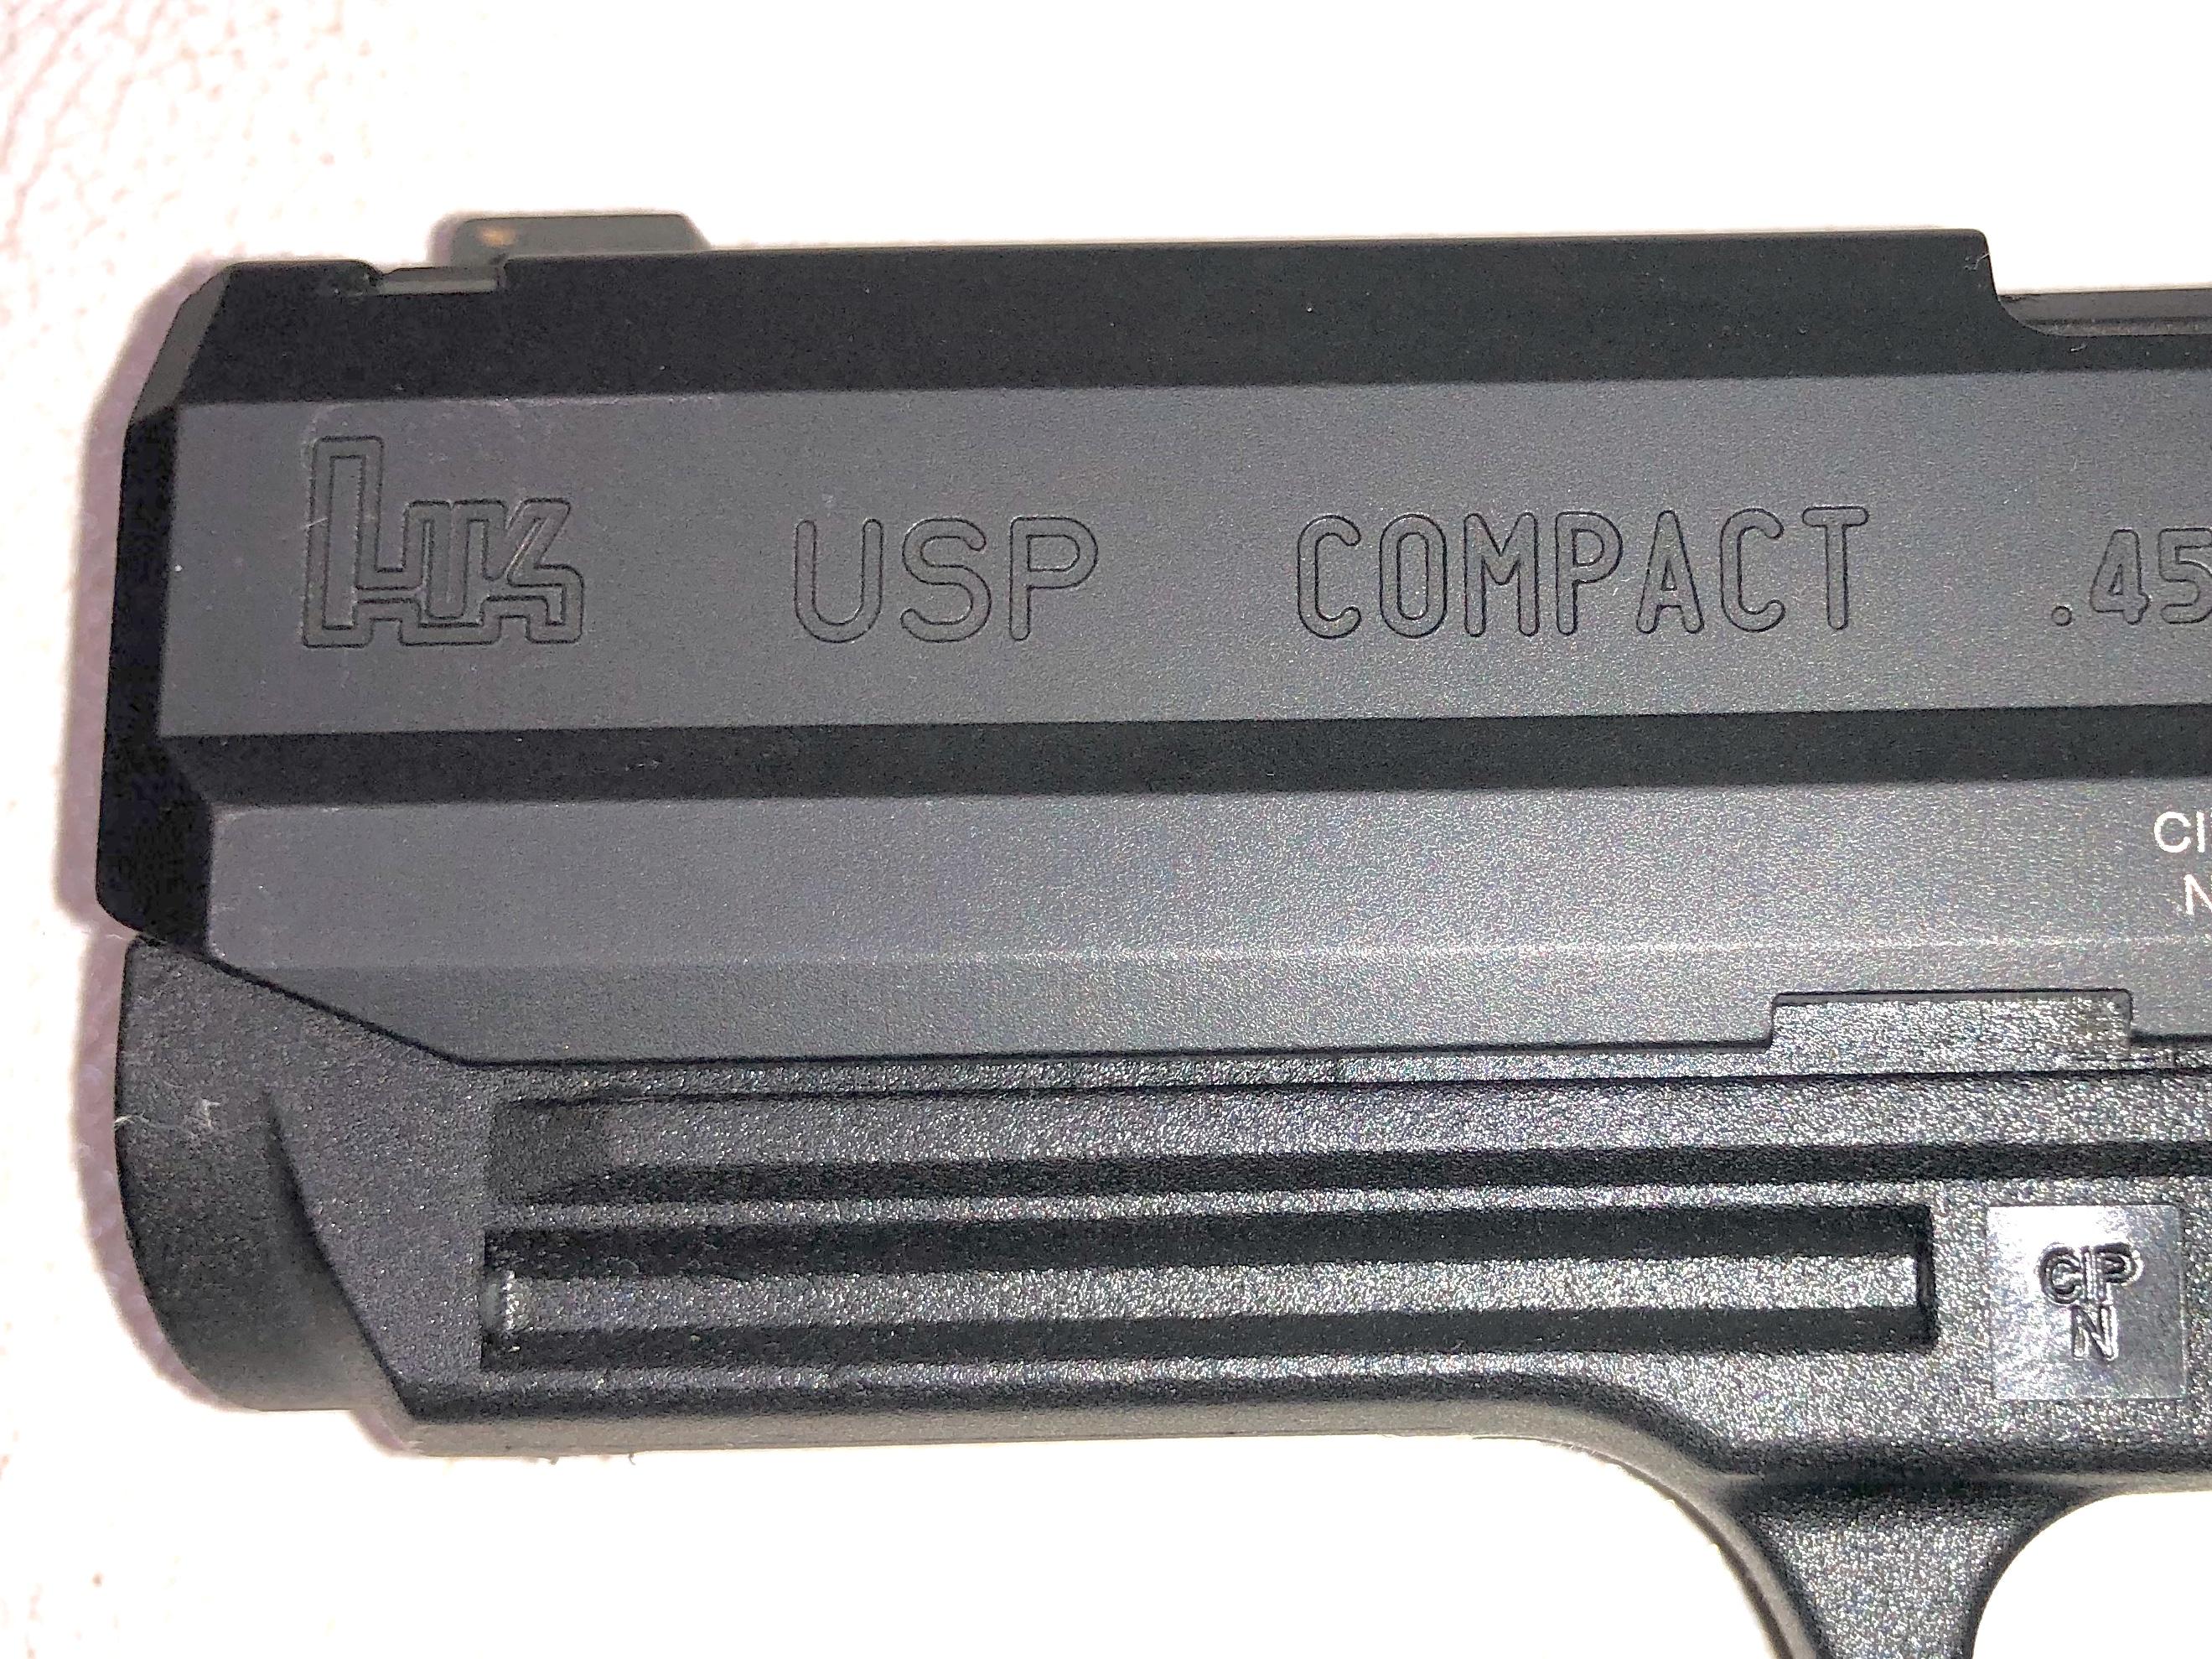 BK built USP quality - changes-9c05a053-d2ce-4294-903c-eb3714c8e06d_1572803236152.jpeg